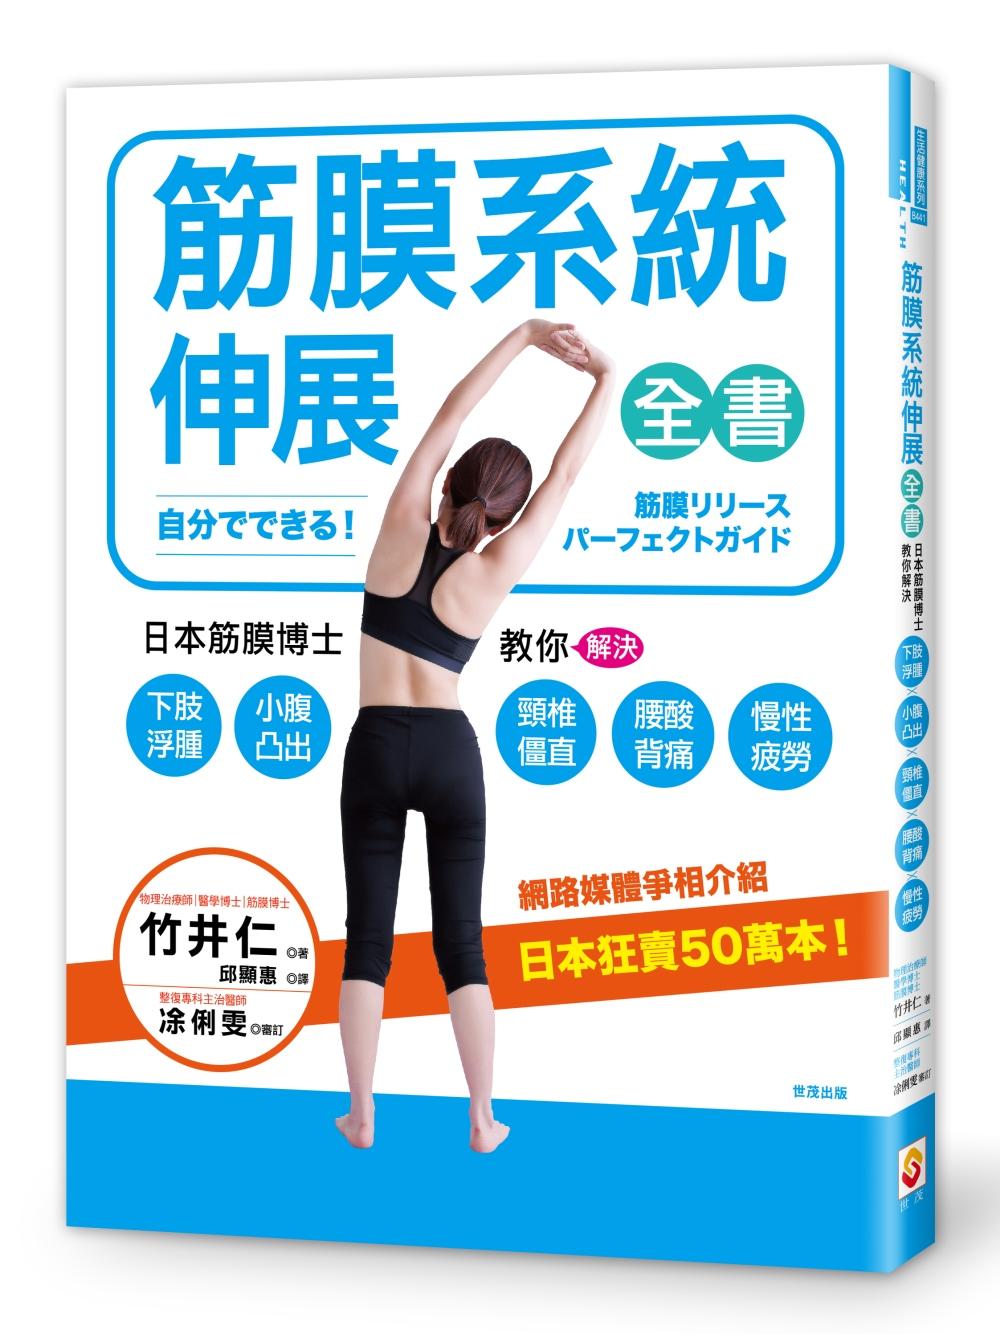 筋膜系統伸展全書:日本筋膜伸展博士教你解決下肢浮腫、小腹凸出、頸椎僵直、腰酸背痛、慢性疲勞!